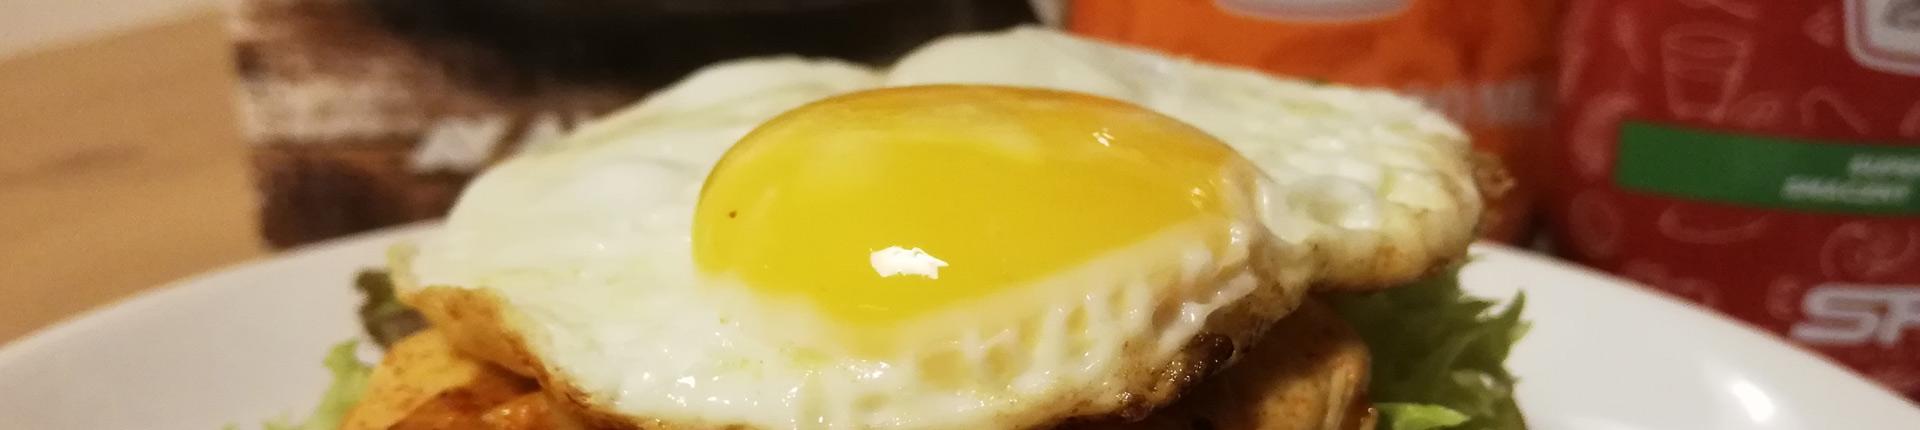 Dietetyczny proteinowy chickenburger